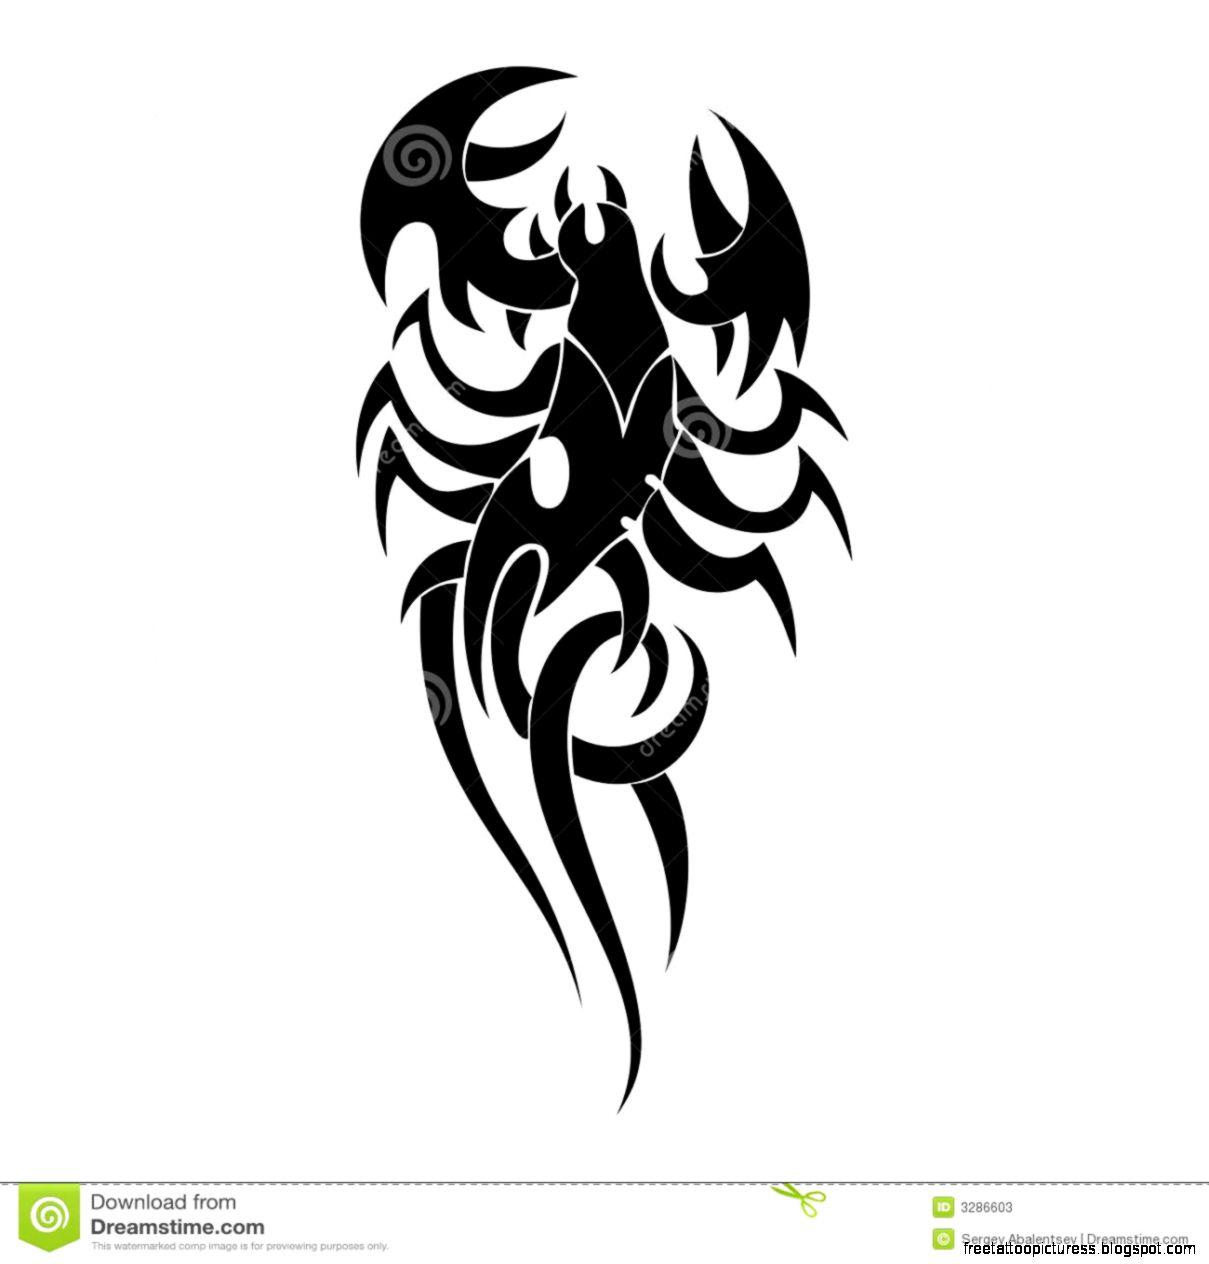 Scorpion Tatoo Royalty Free Stock Photos   Image 3286608